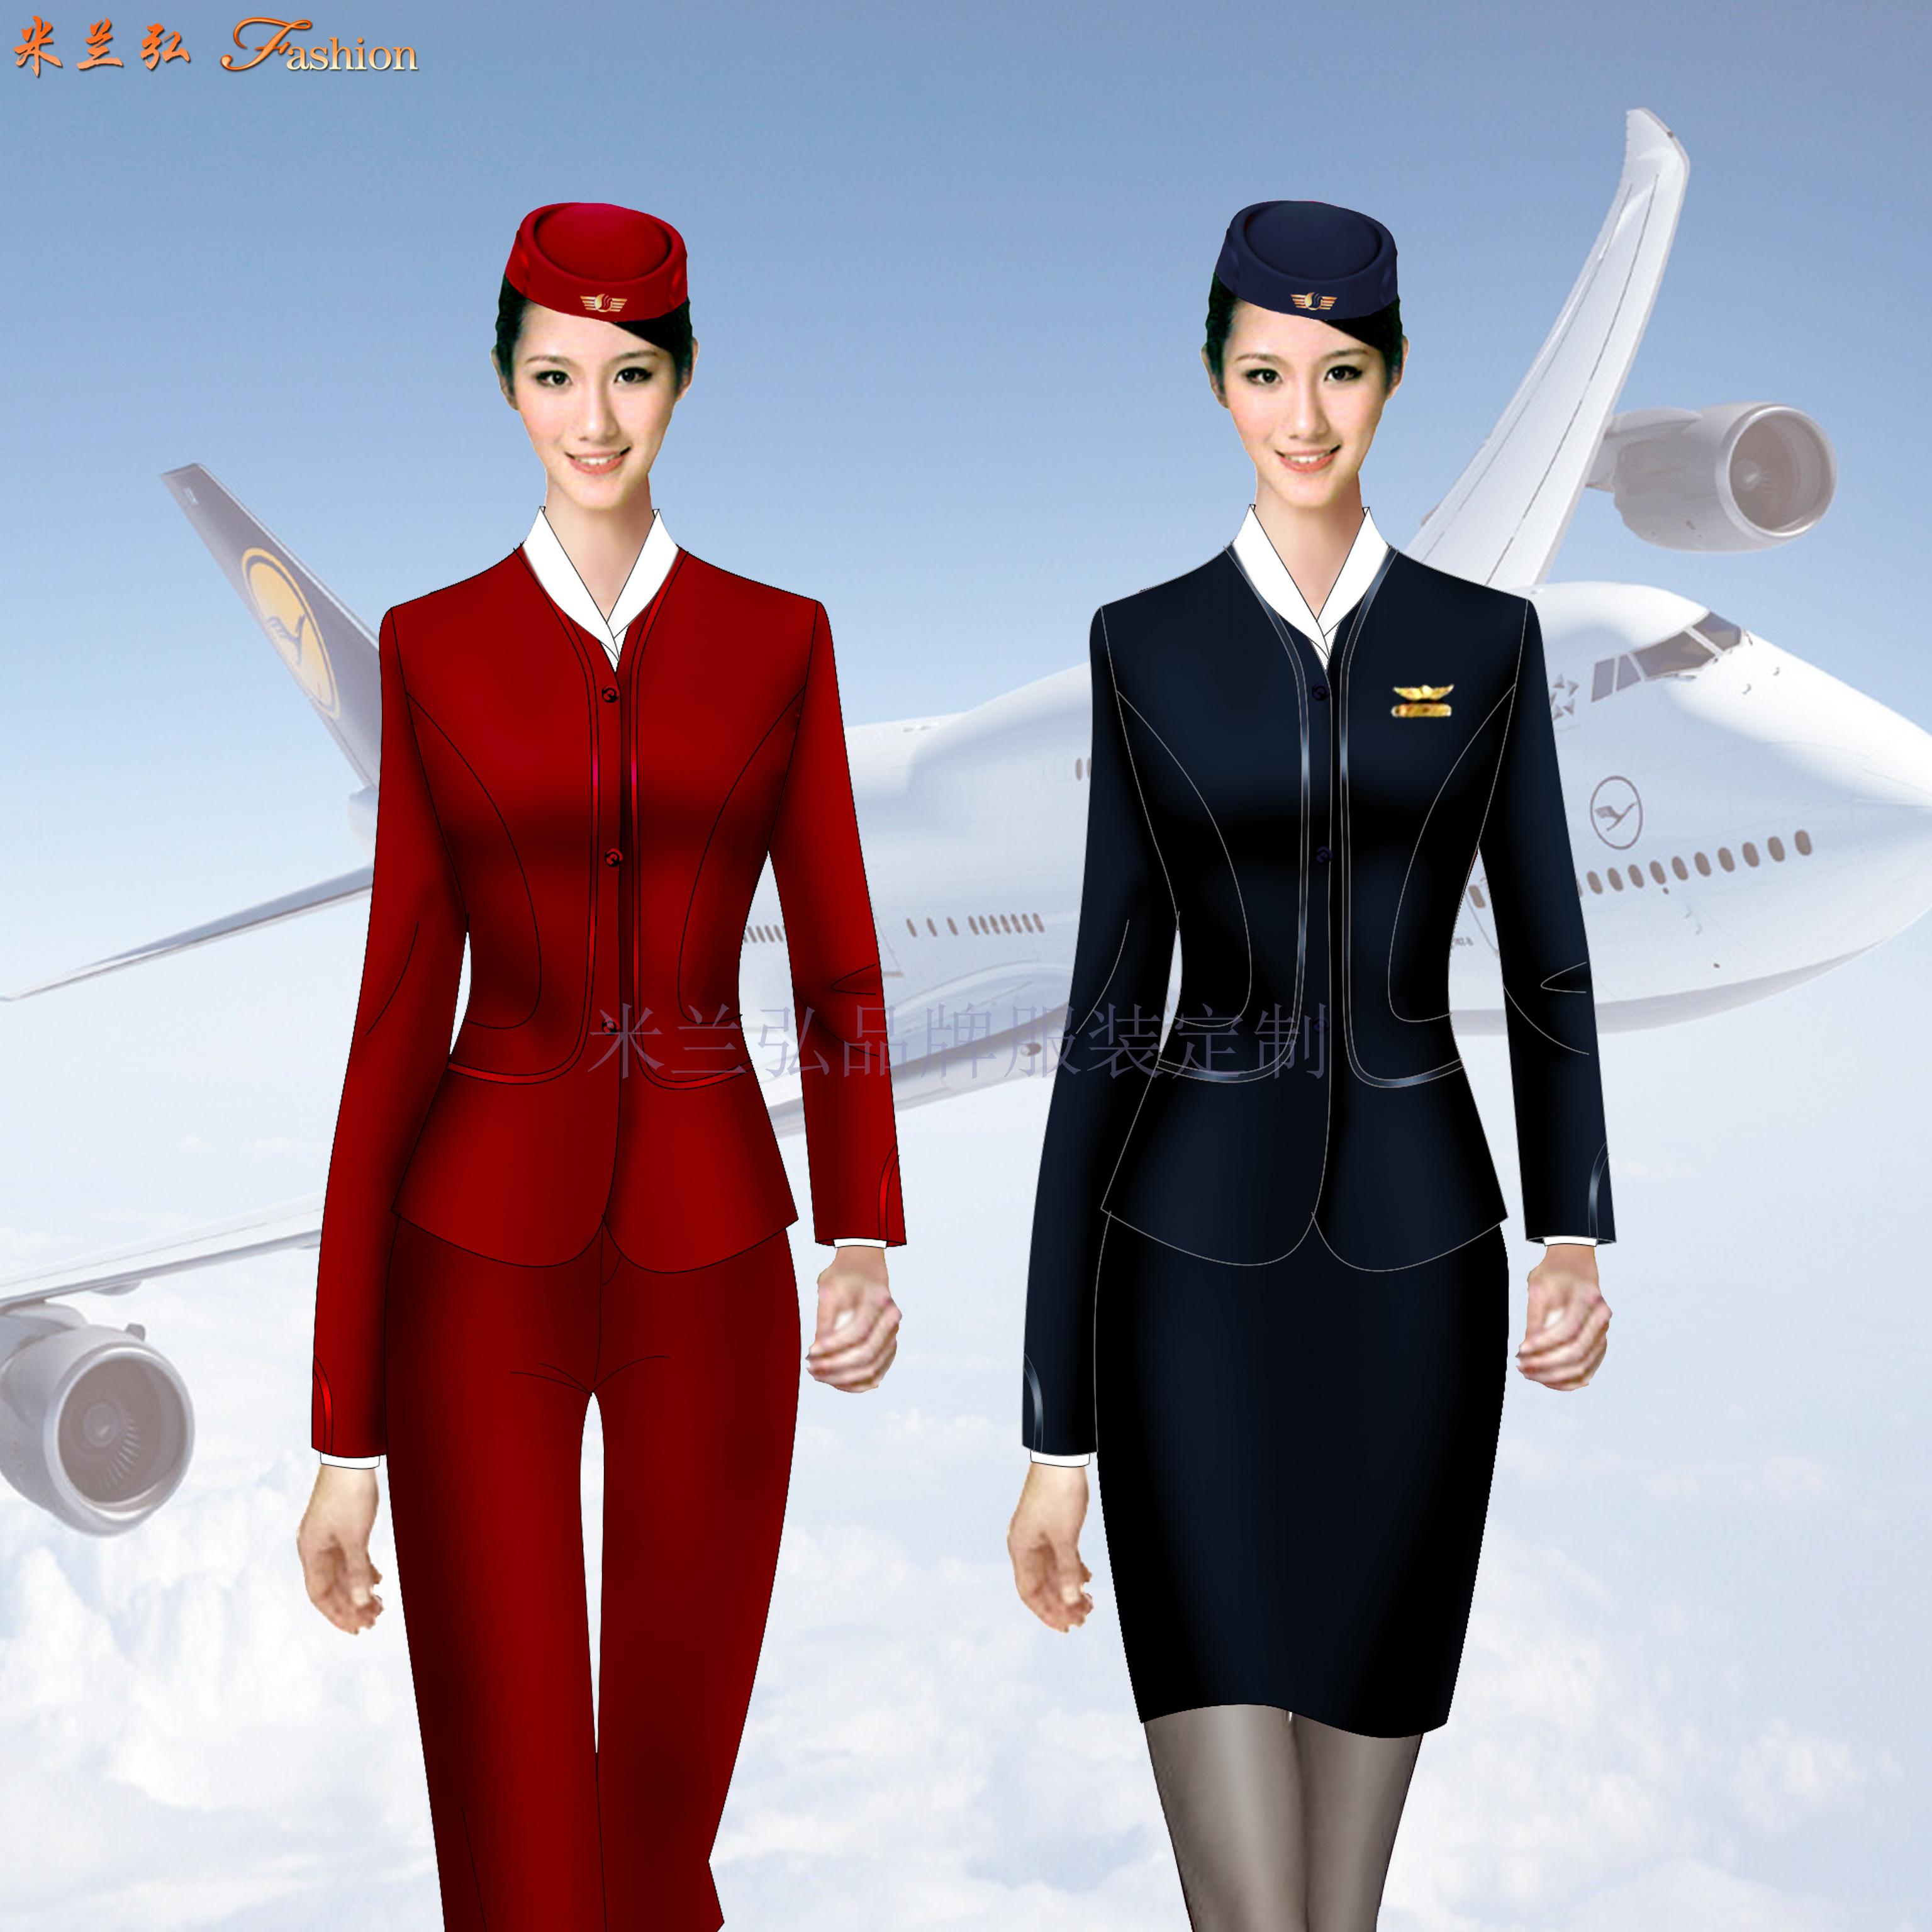 江西空姐服定制-空乘人員服裝圖片-米蘭弘服裝-4